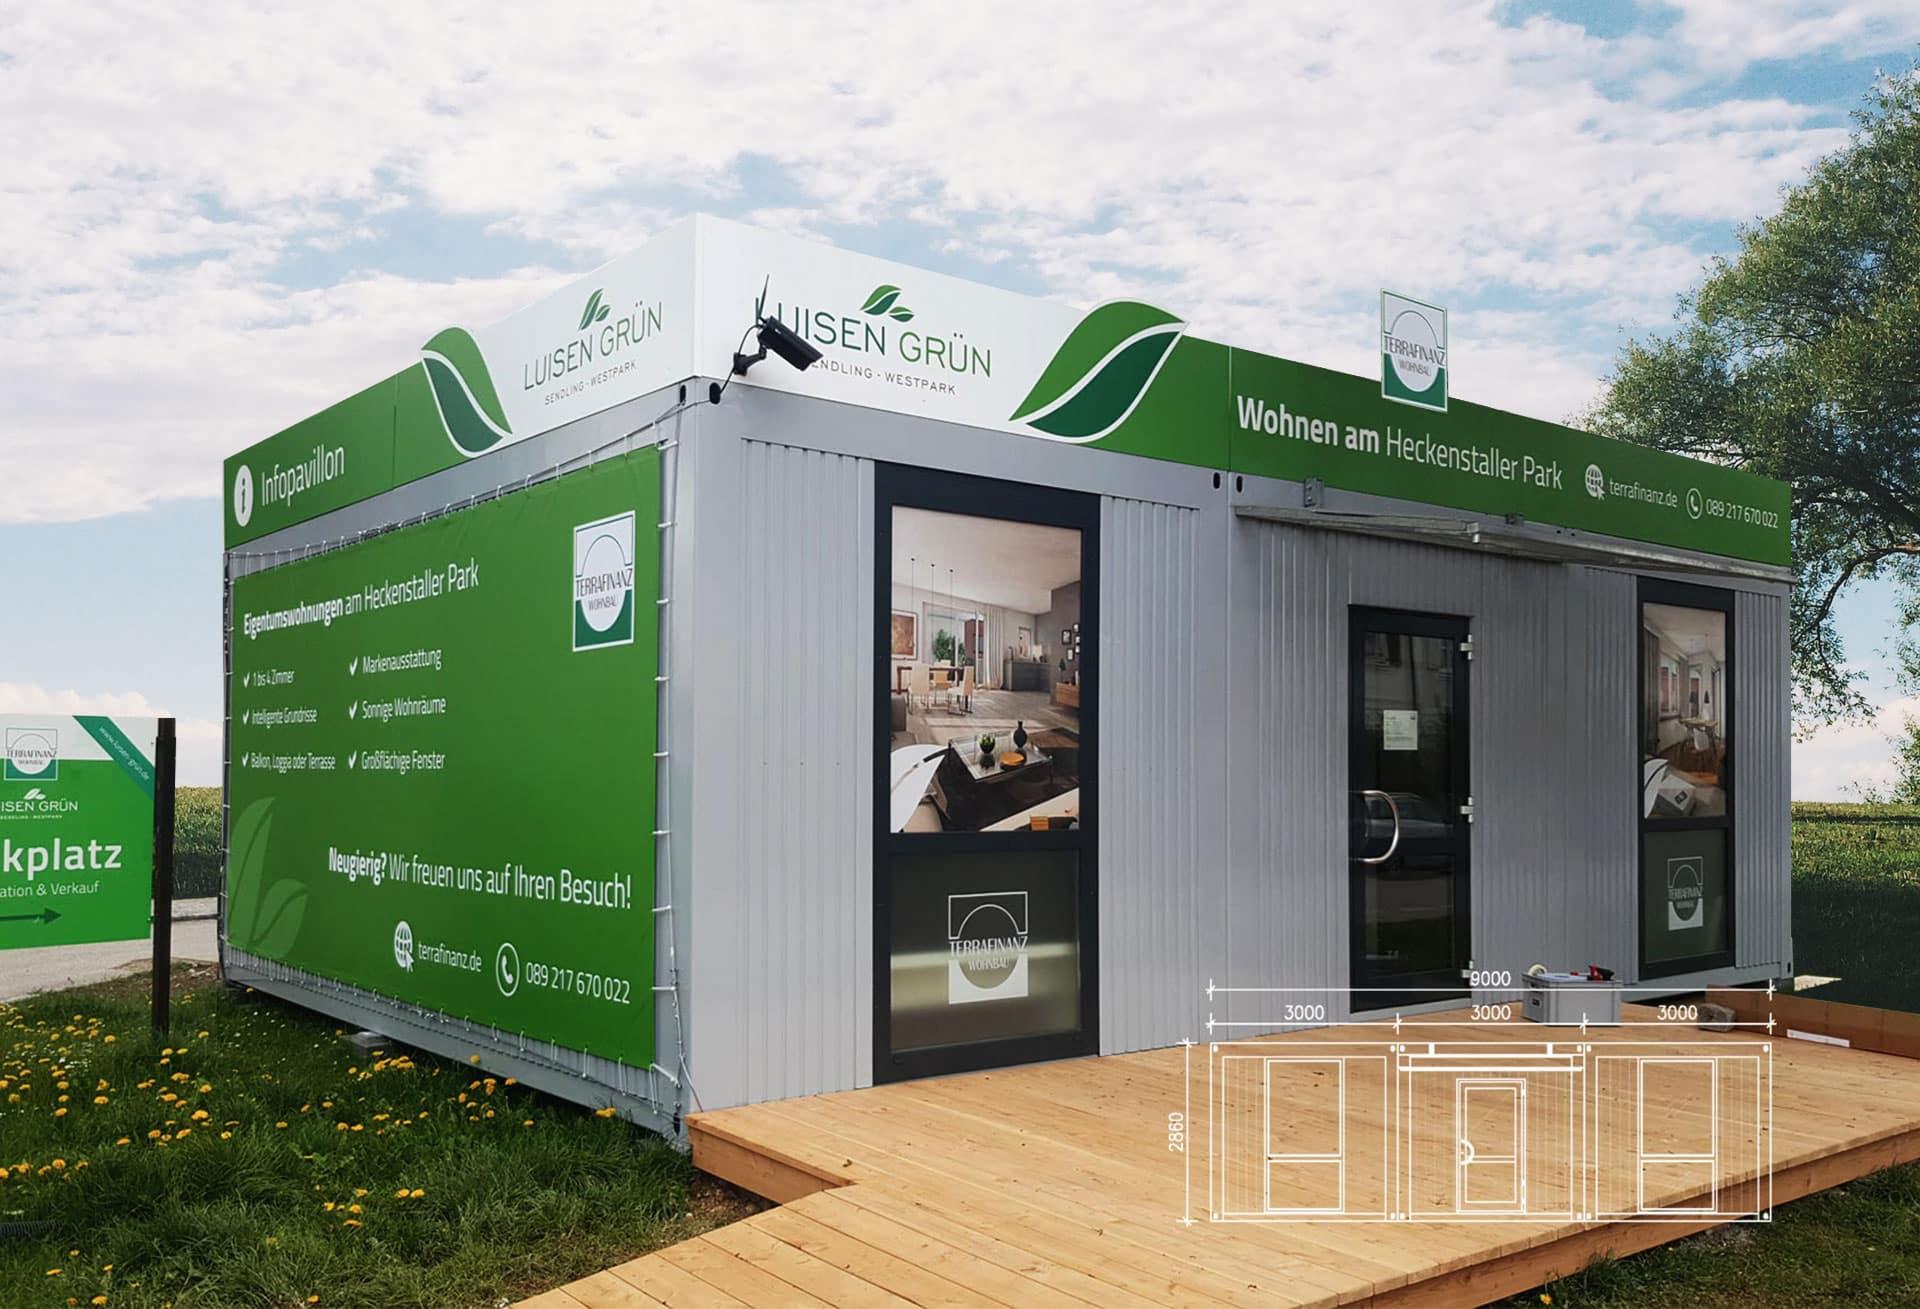 EAZEE Immobilienmarketing Terrafinanz Luisengruen Infopavillon Verkaufscontainer